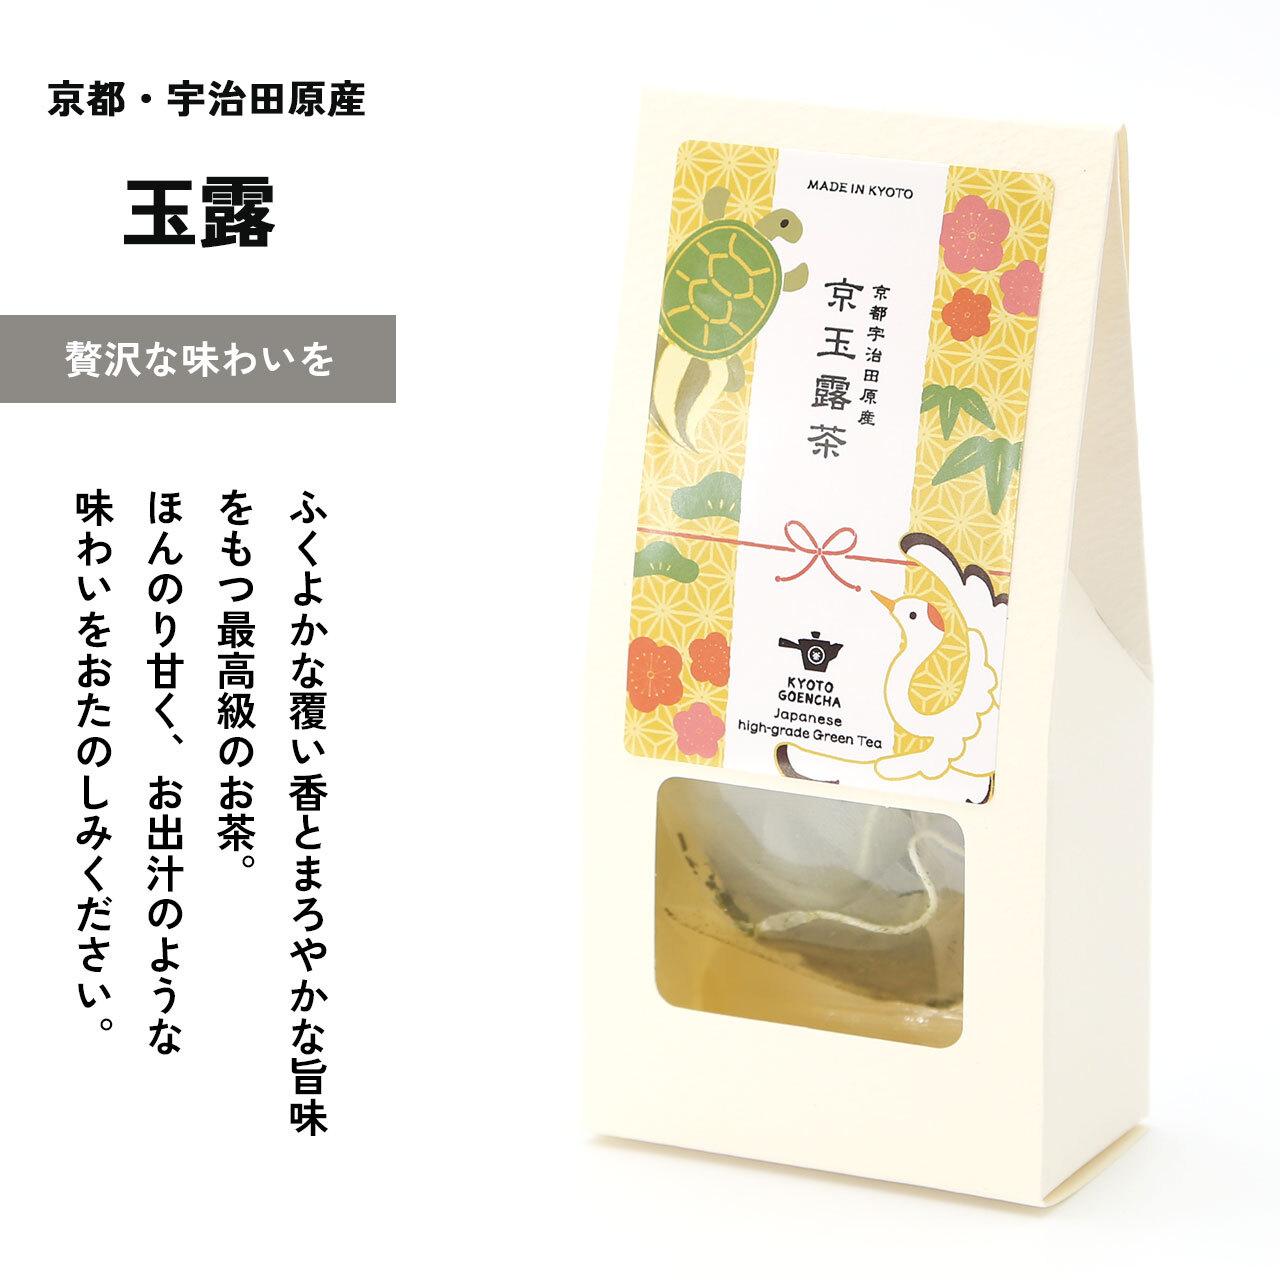 水出しがおすすめ!旨味・甘みをたのしむ特別な味わい。京玉露